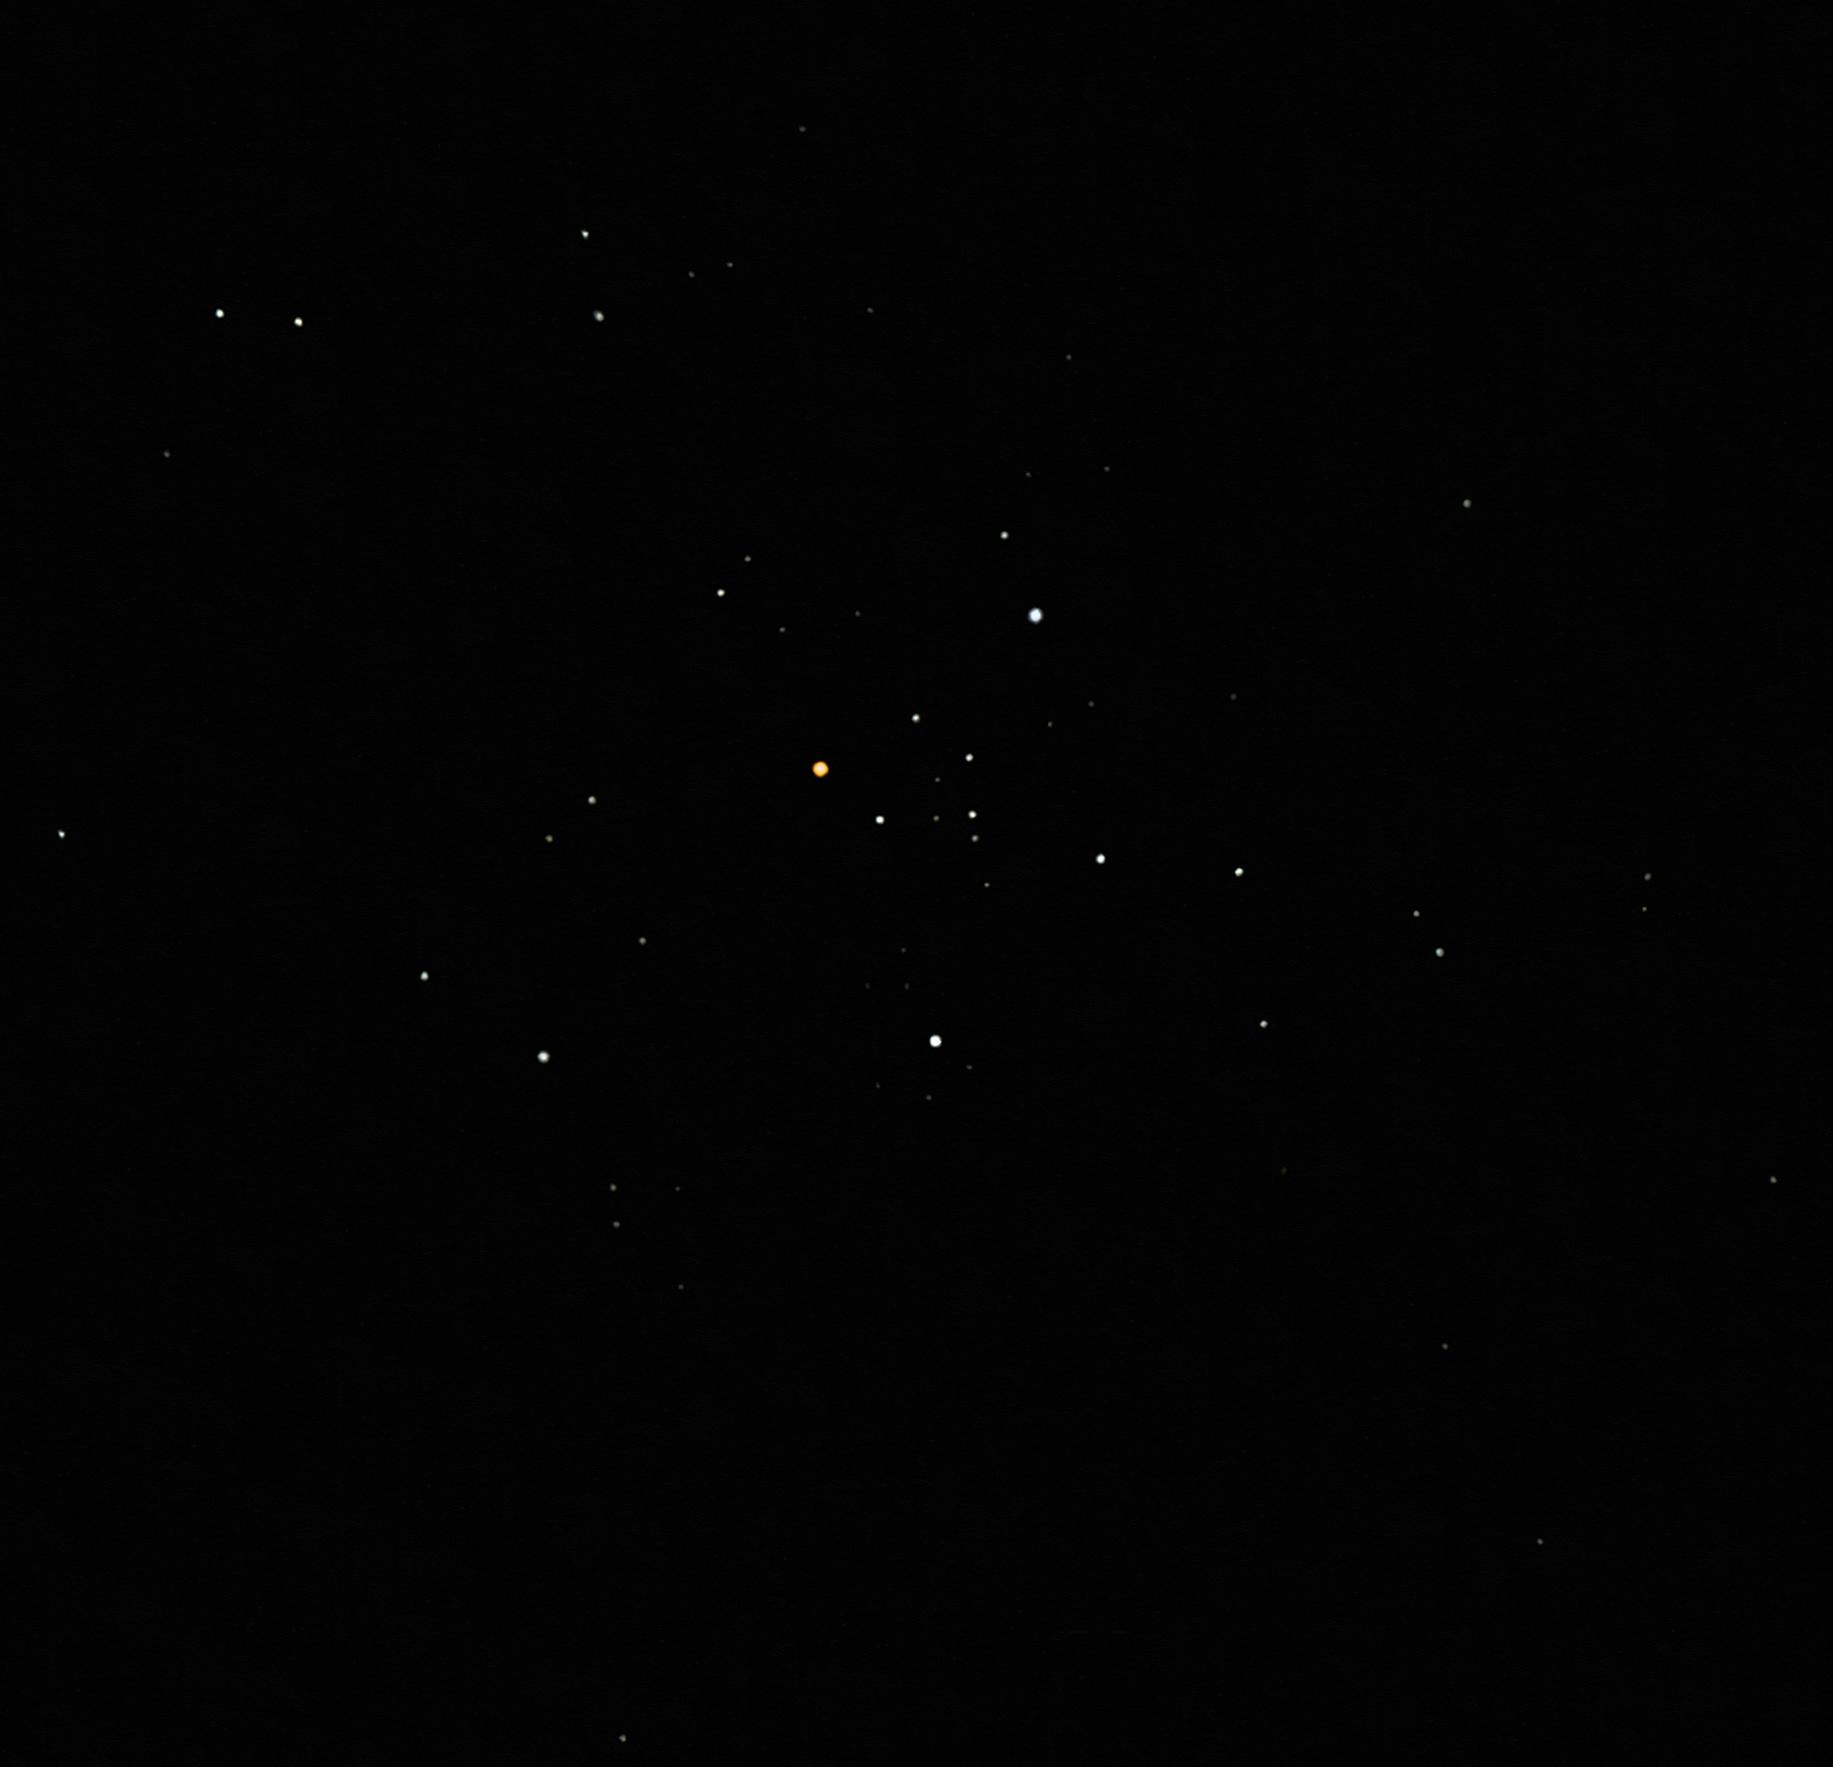 Stephenson 1 open cluster